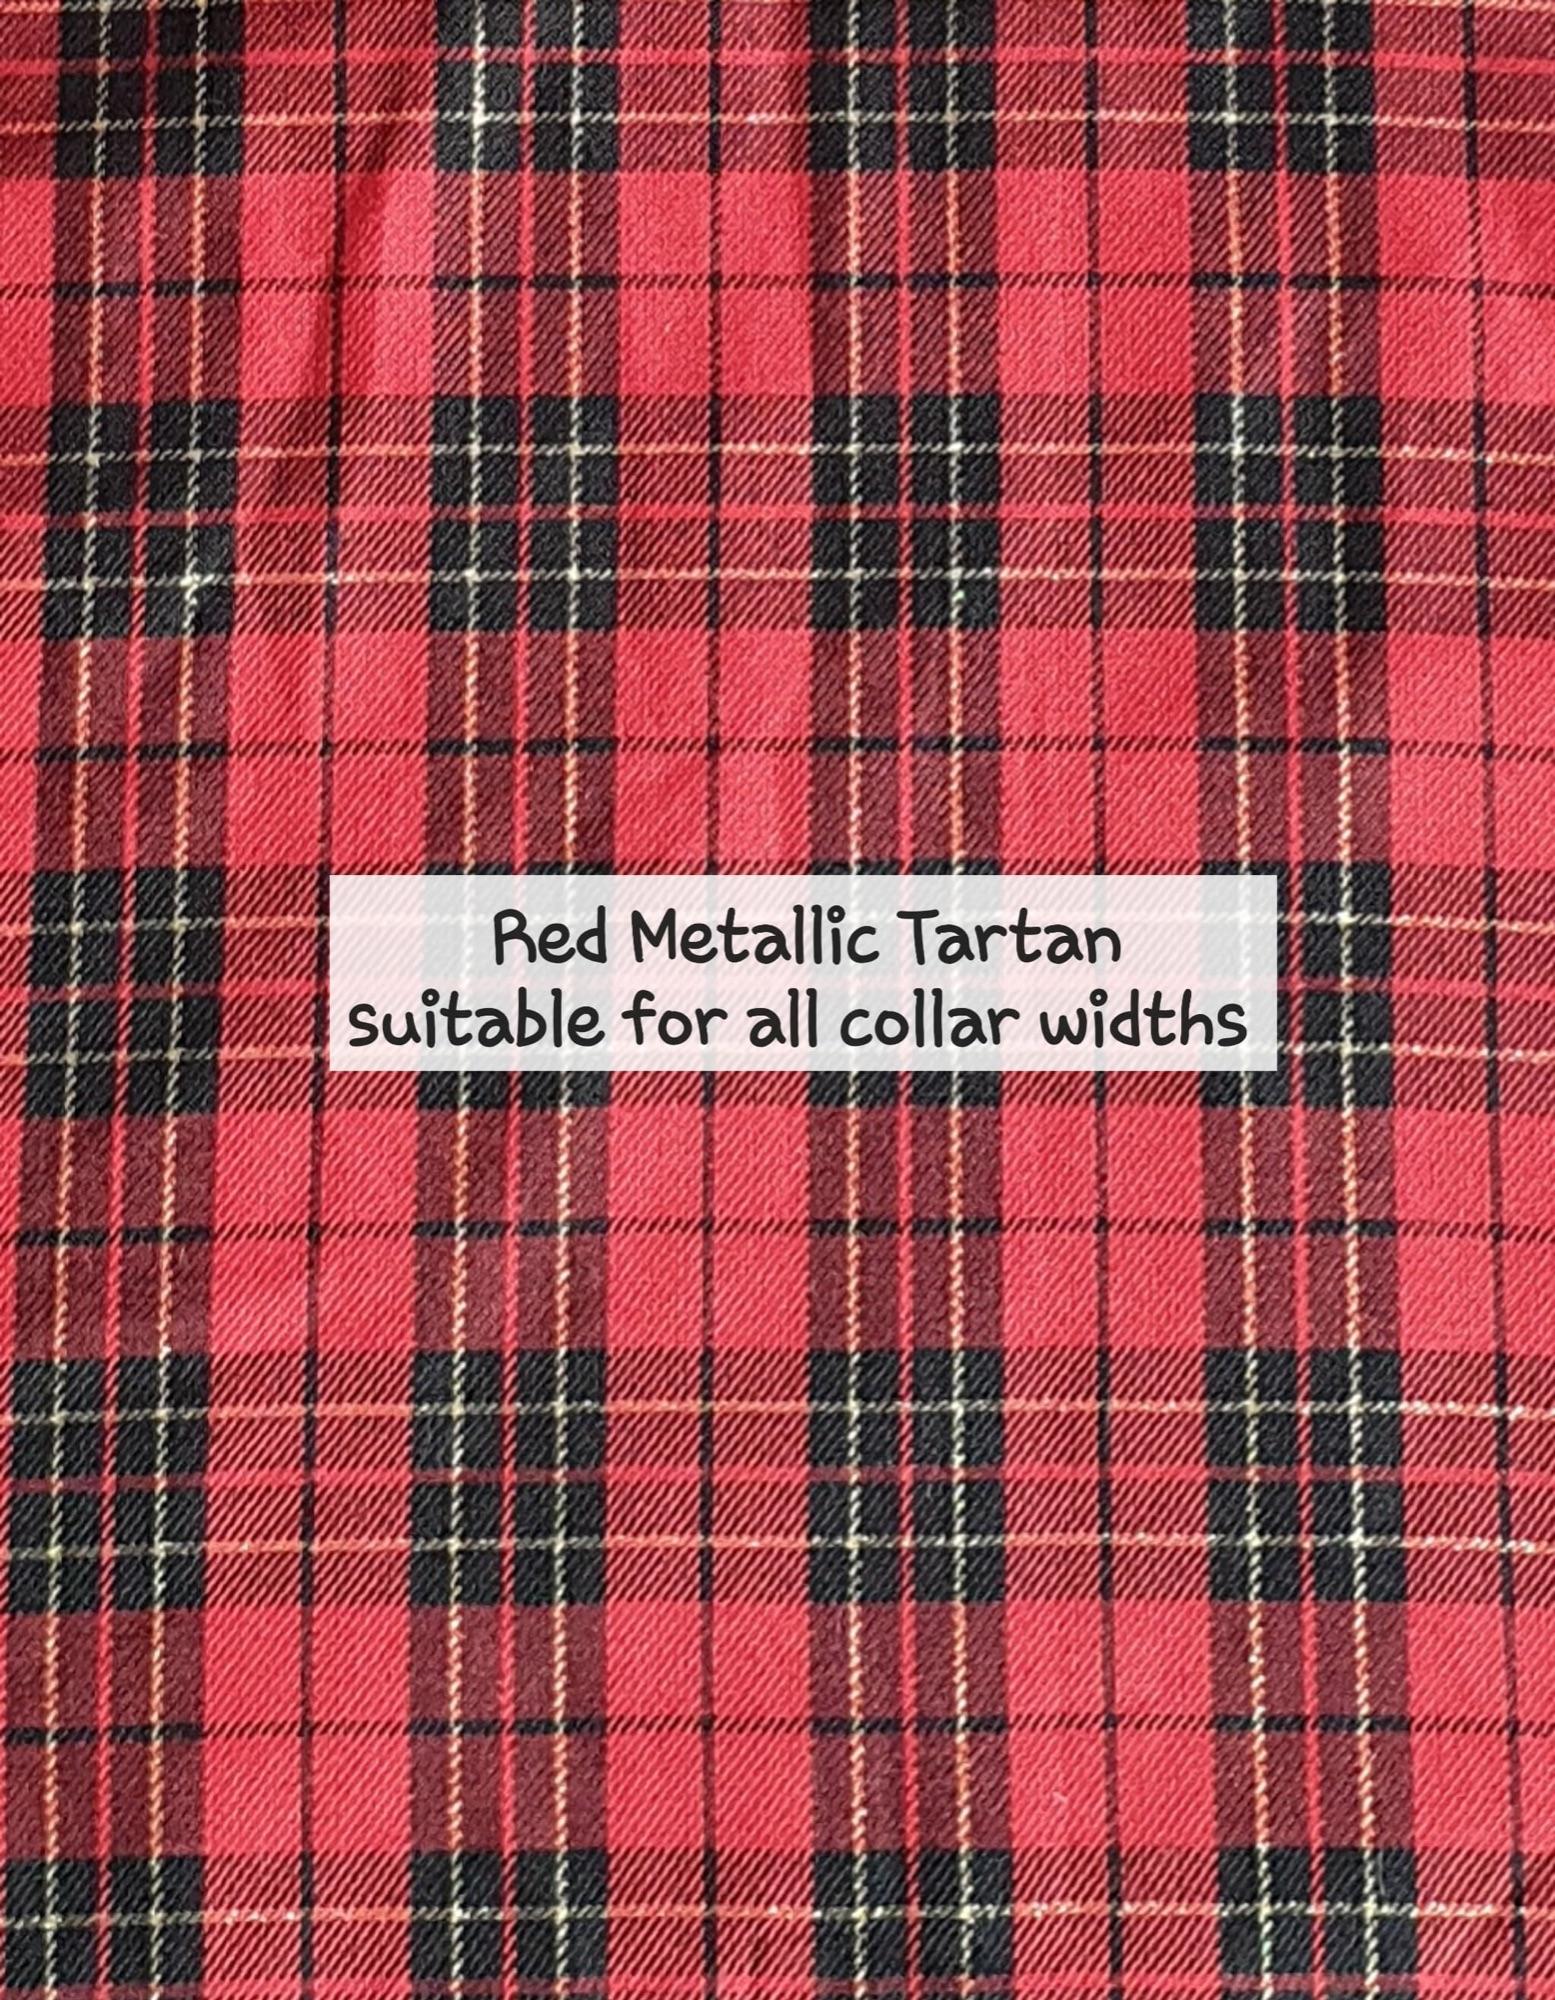 Red Metallic Tartan